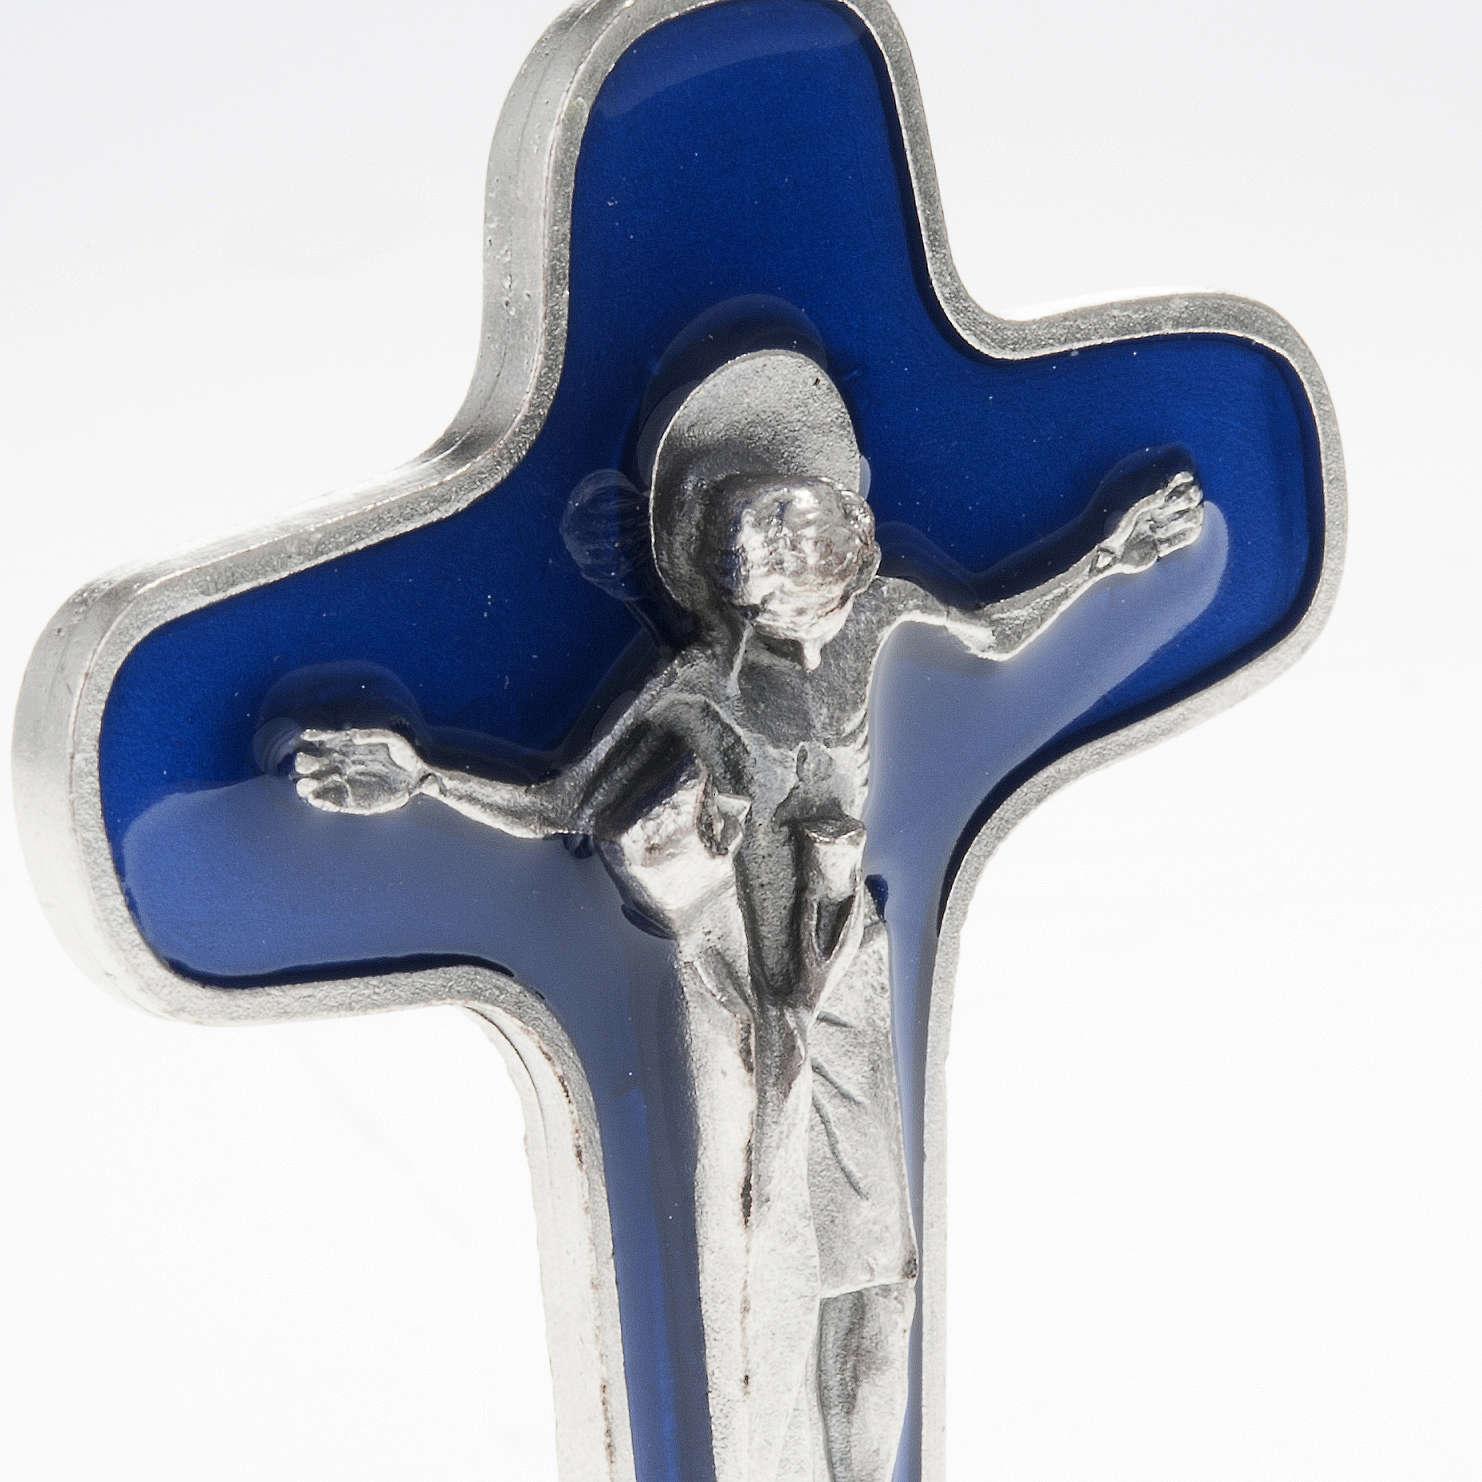 Crocifisso da tavolo metallo argentato blu Maria con calice 4